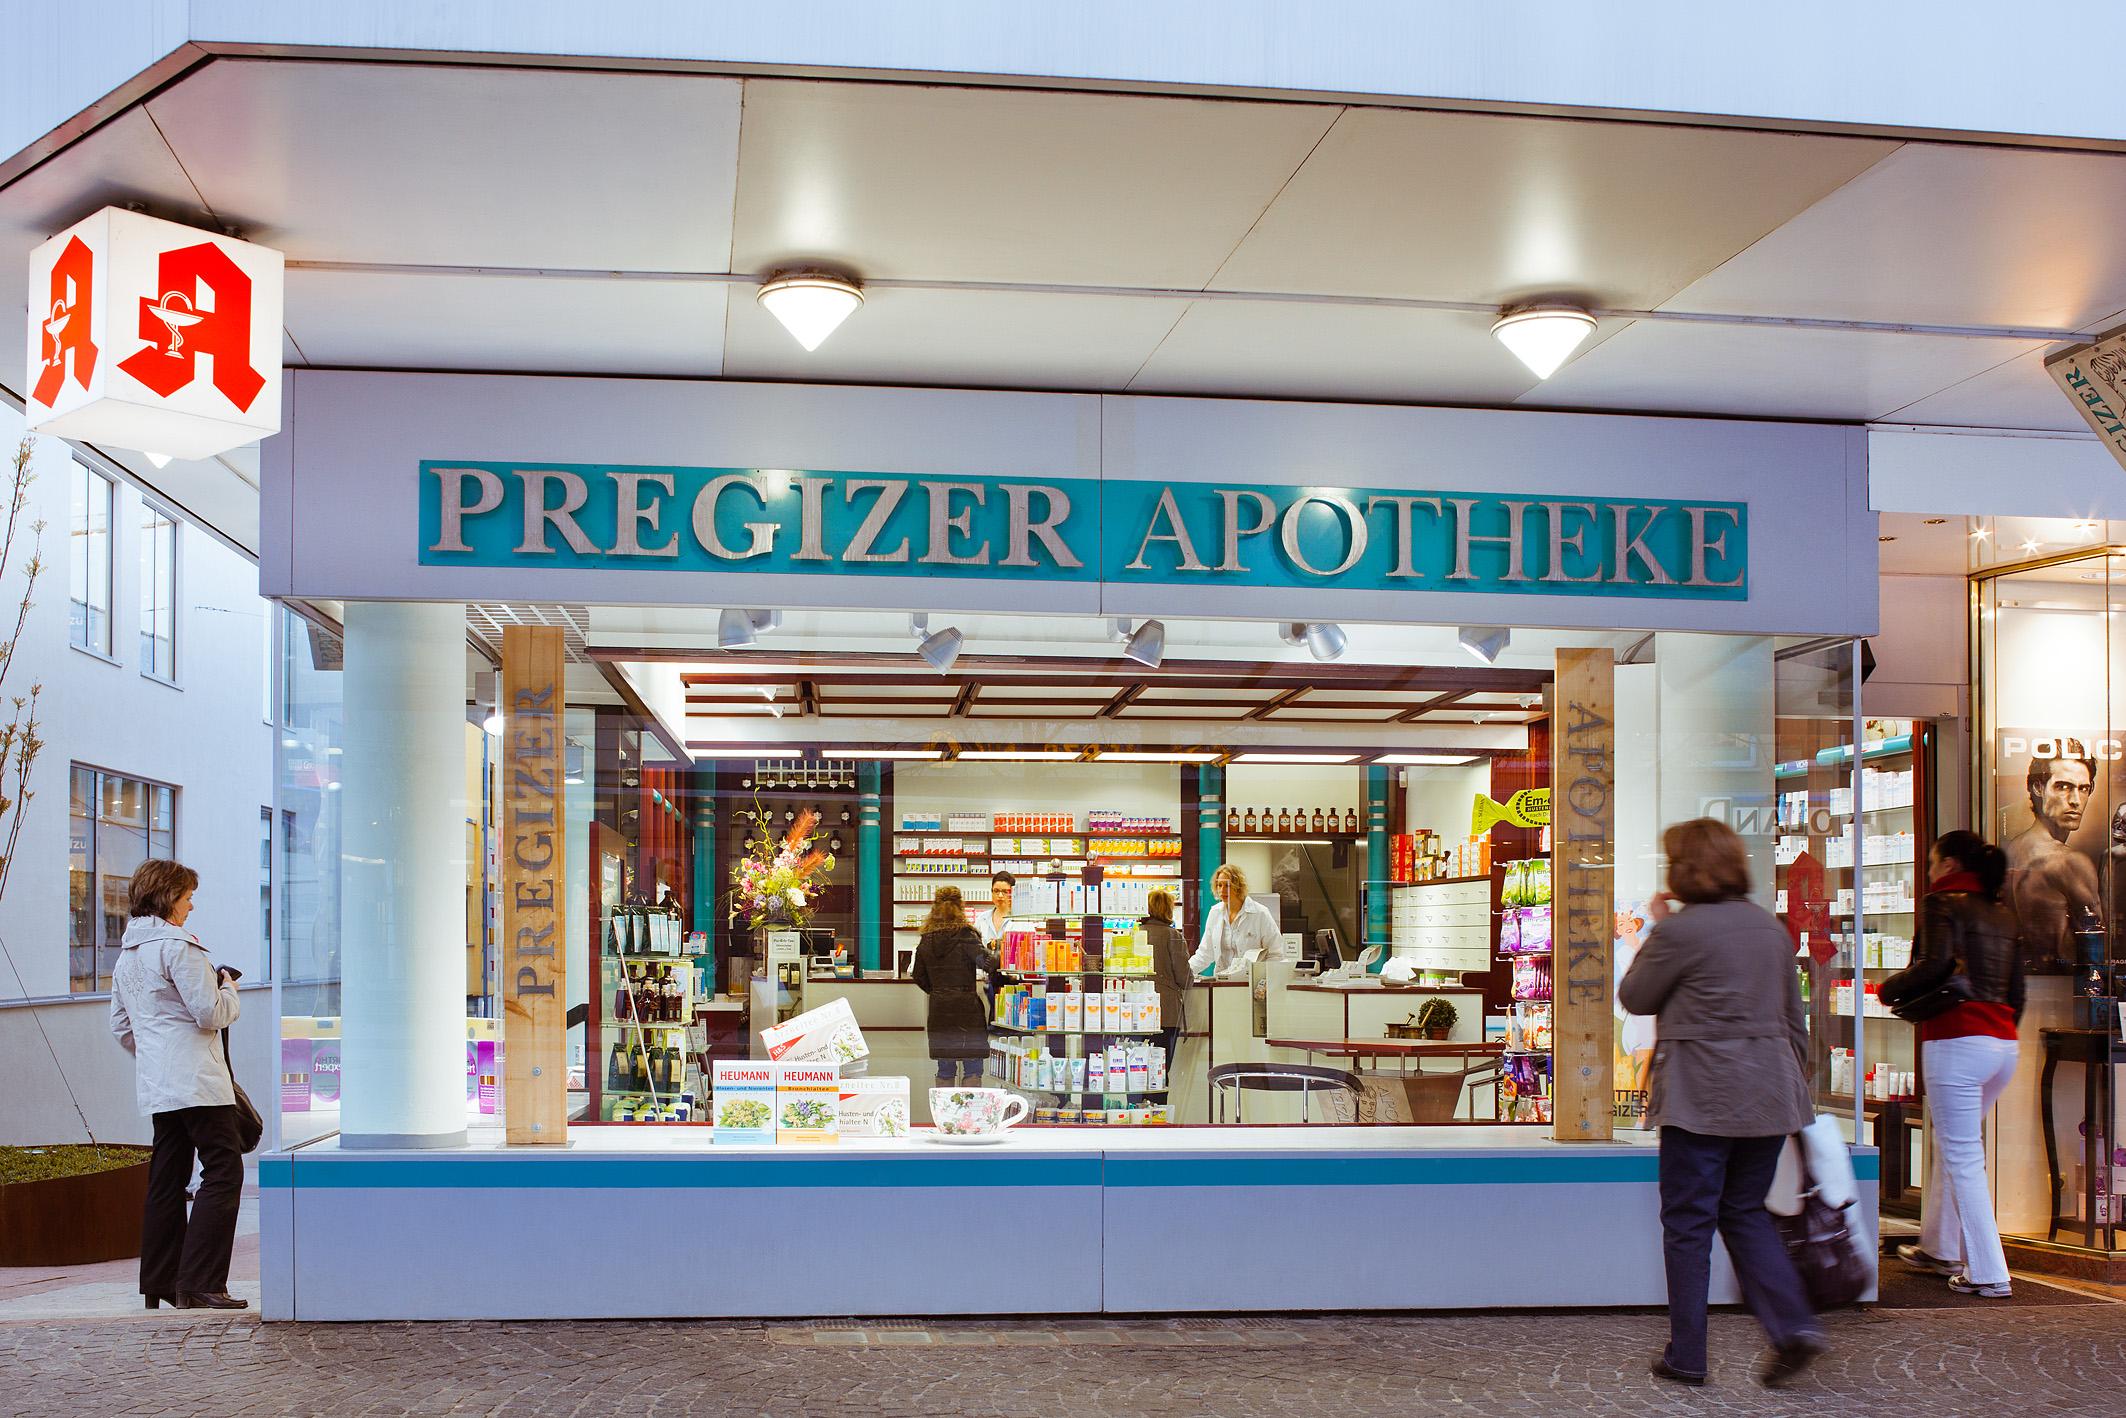 Pregizer Apotheke